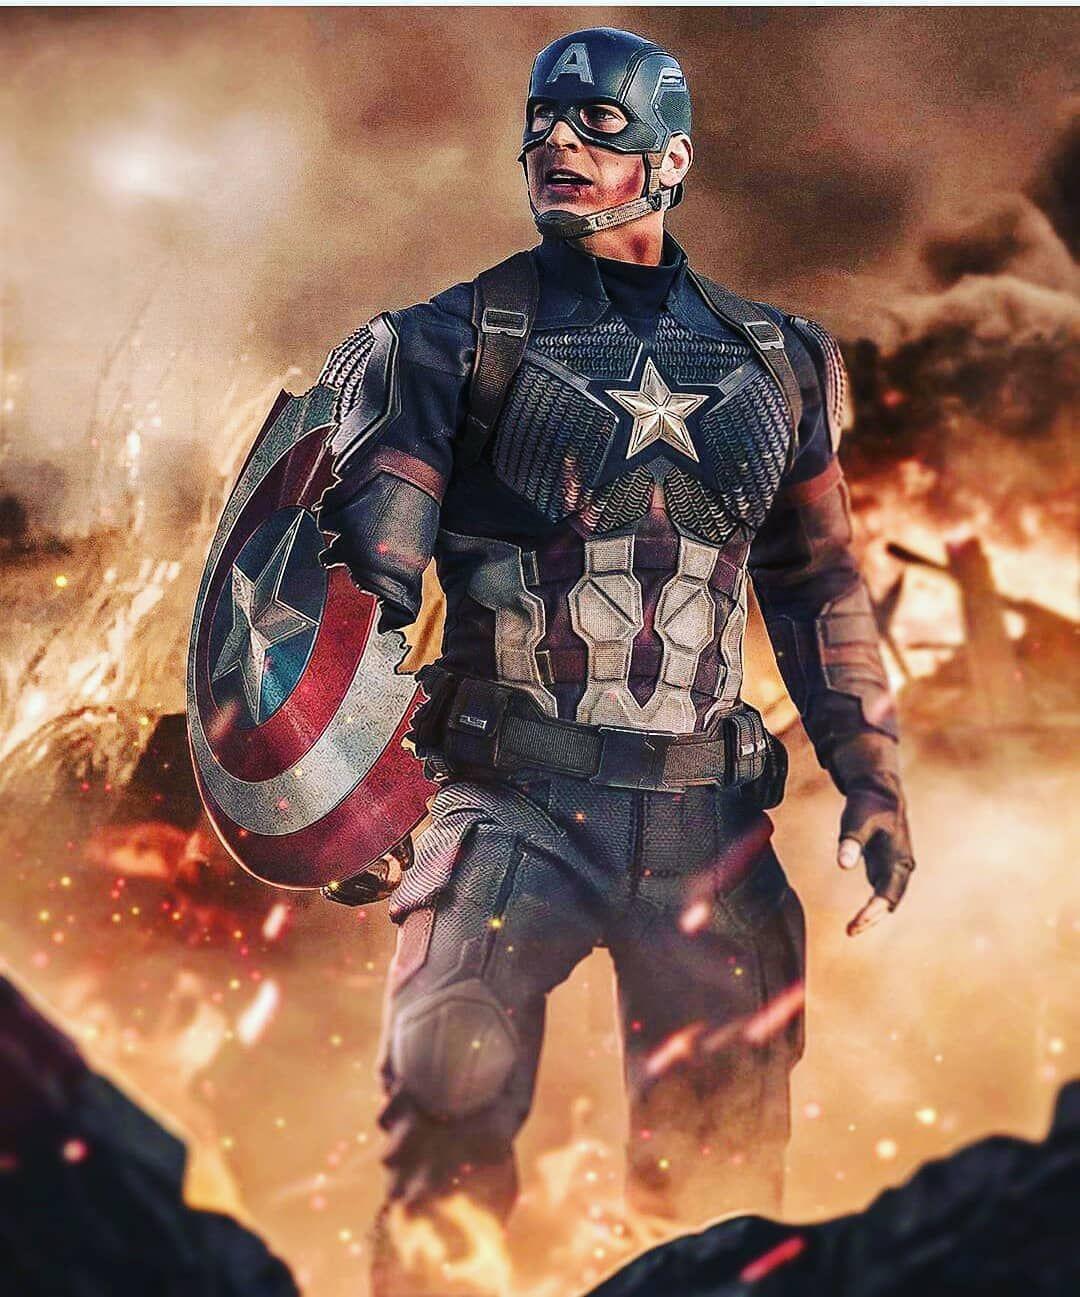 Captain America Avengers Endgame Likefollowa Comment Marvel Stud10s Marvel Superhero Posters Captain America Wallpaper Marvel Captain America